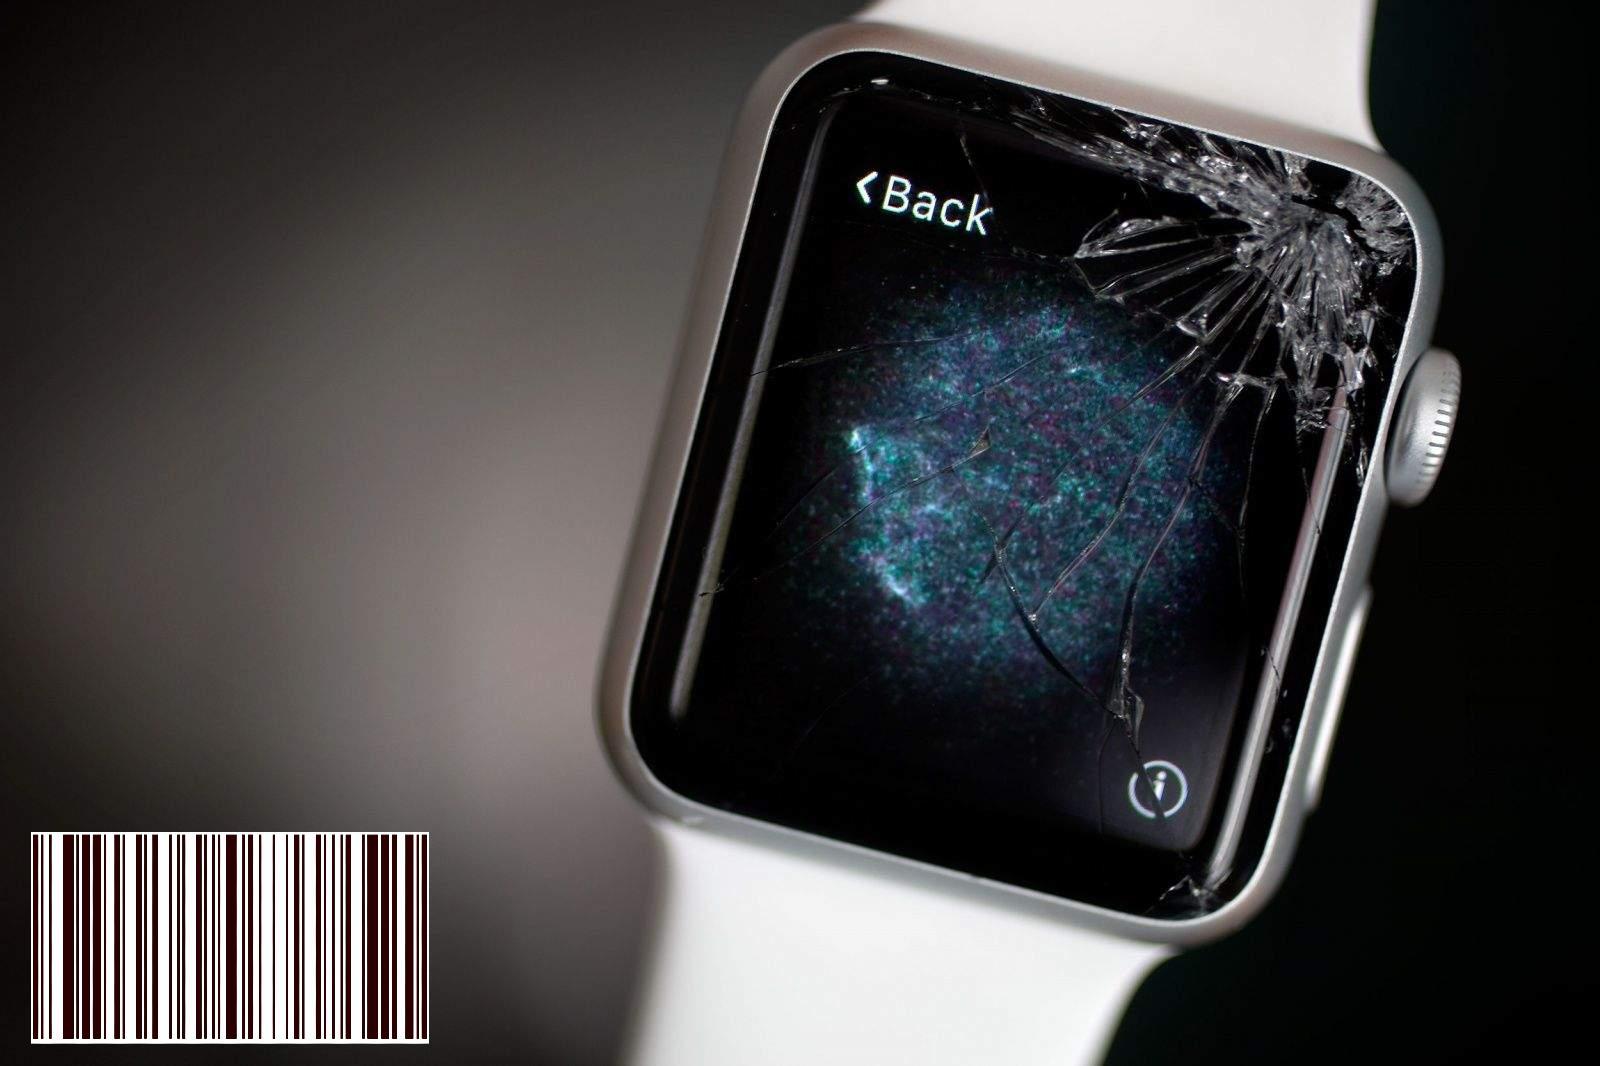 تتم مقاضاة شركة Apple بسبب عيب مزعوم في شاشة الساعة لأي جيل